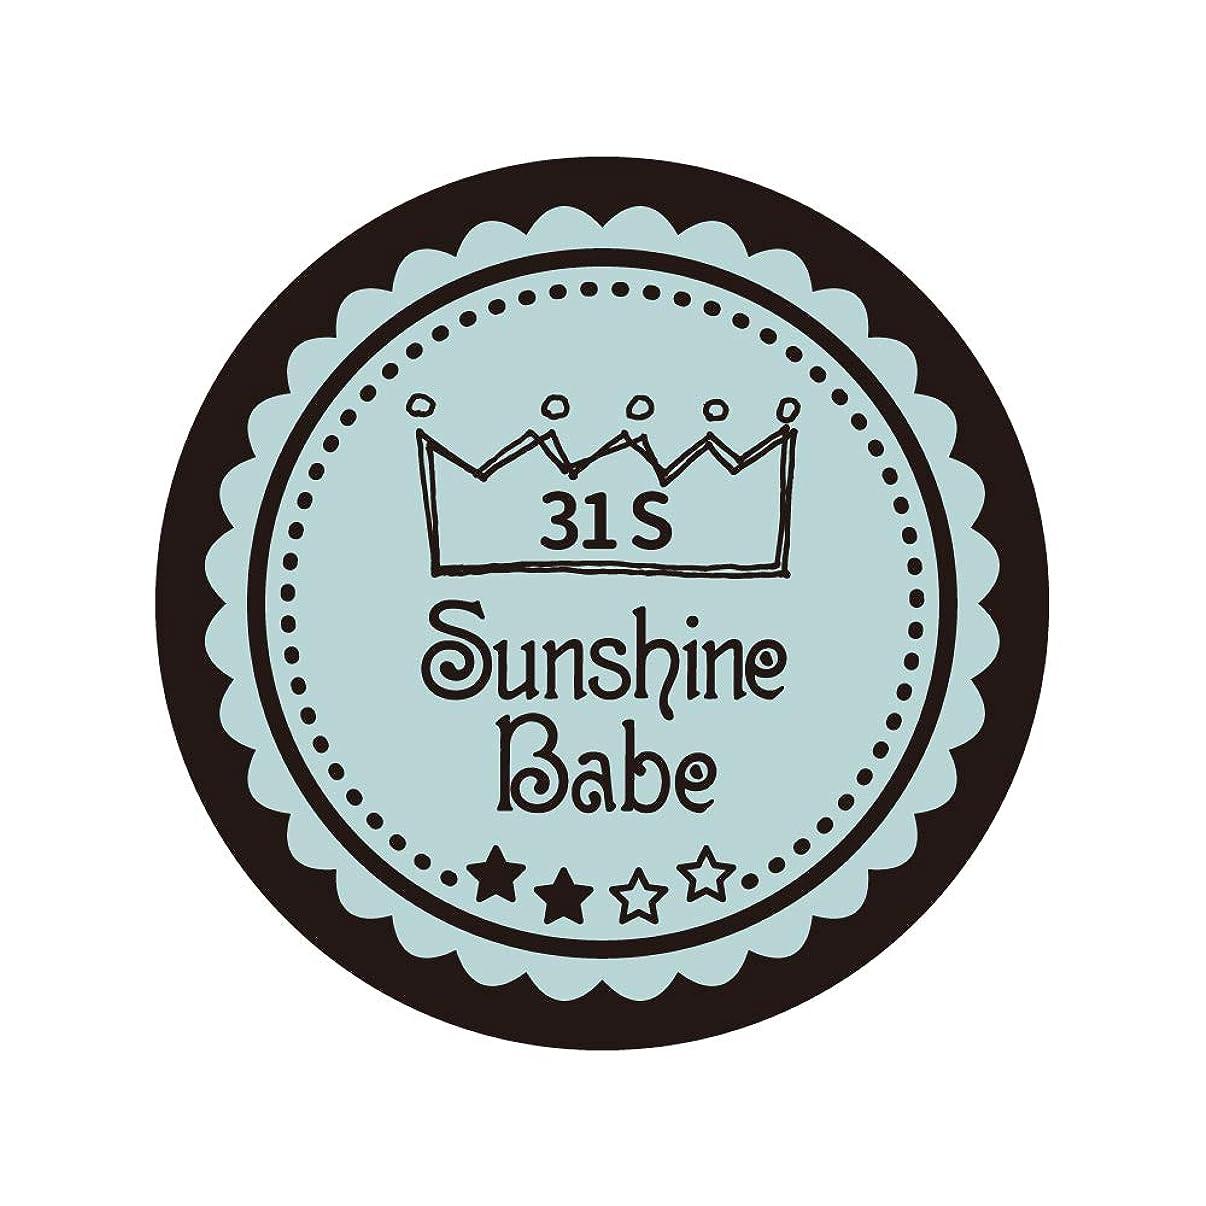 幻滅するコントロールスリチンモイSunshine Babe コスメティックカラー 31S アイスブルー 4g UV/LED対応